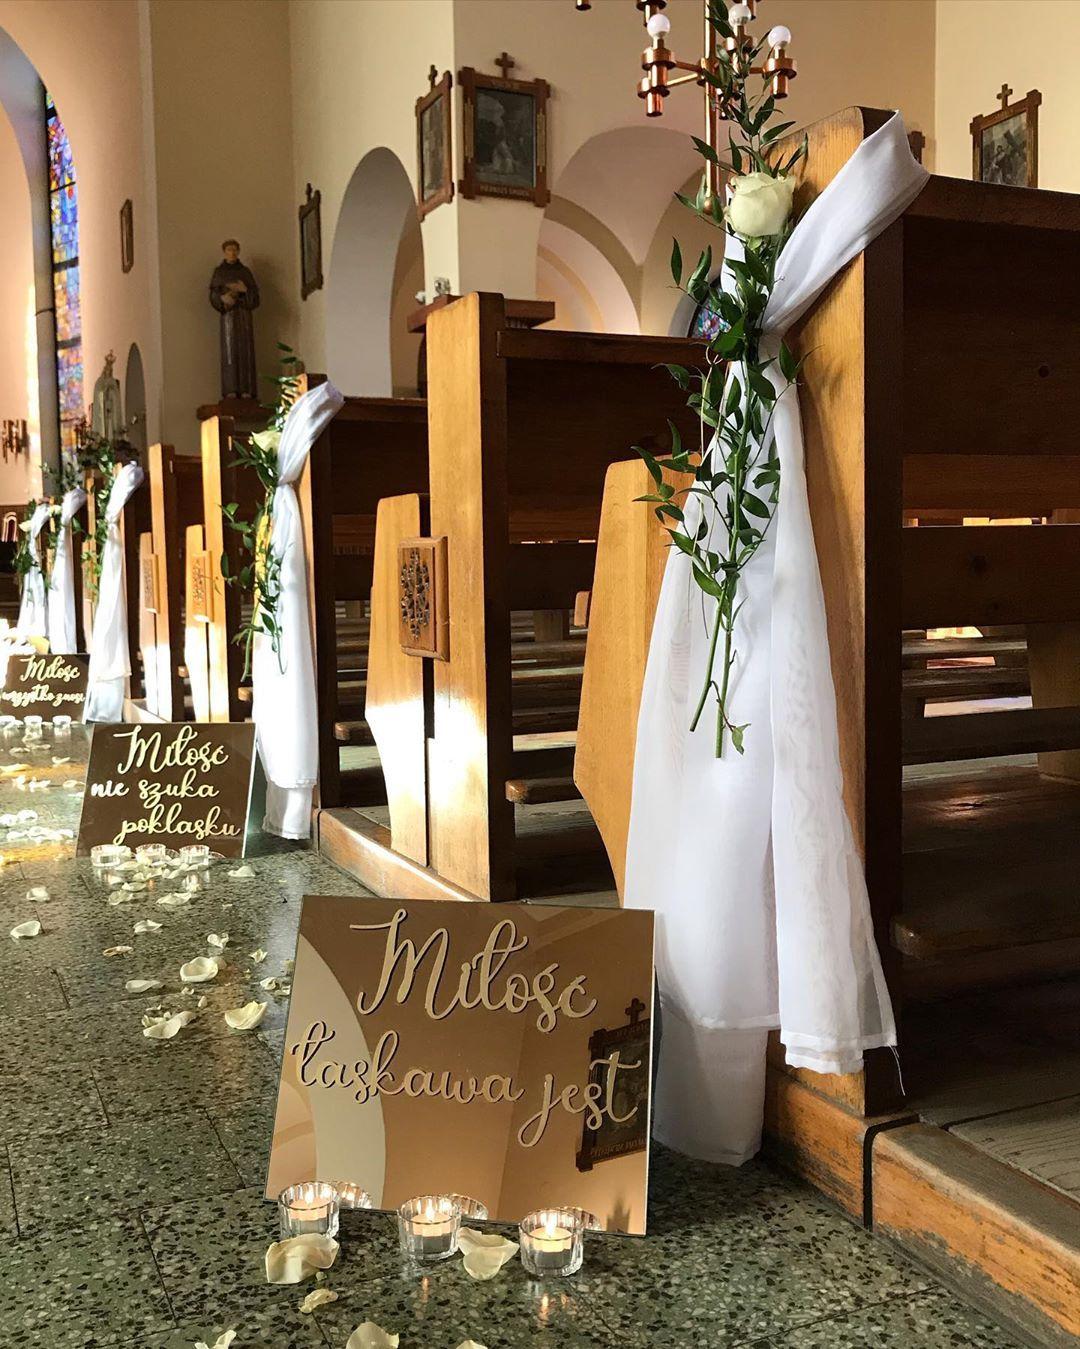 Dekoracja Kosciola Na Slub Dekoracjekosciola Dekoracjekosciolanaslub Dekoracje Slub Kosciol Wedding Decorations Wedding Time Wedding Day